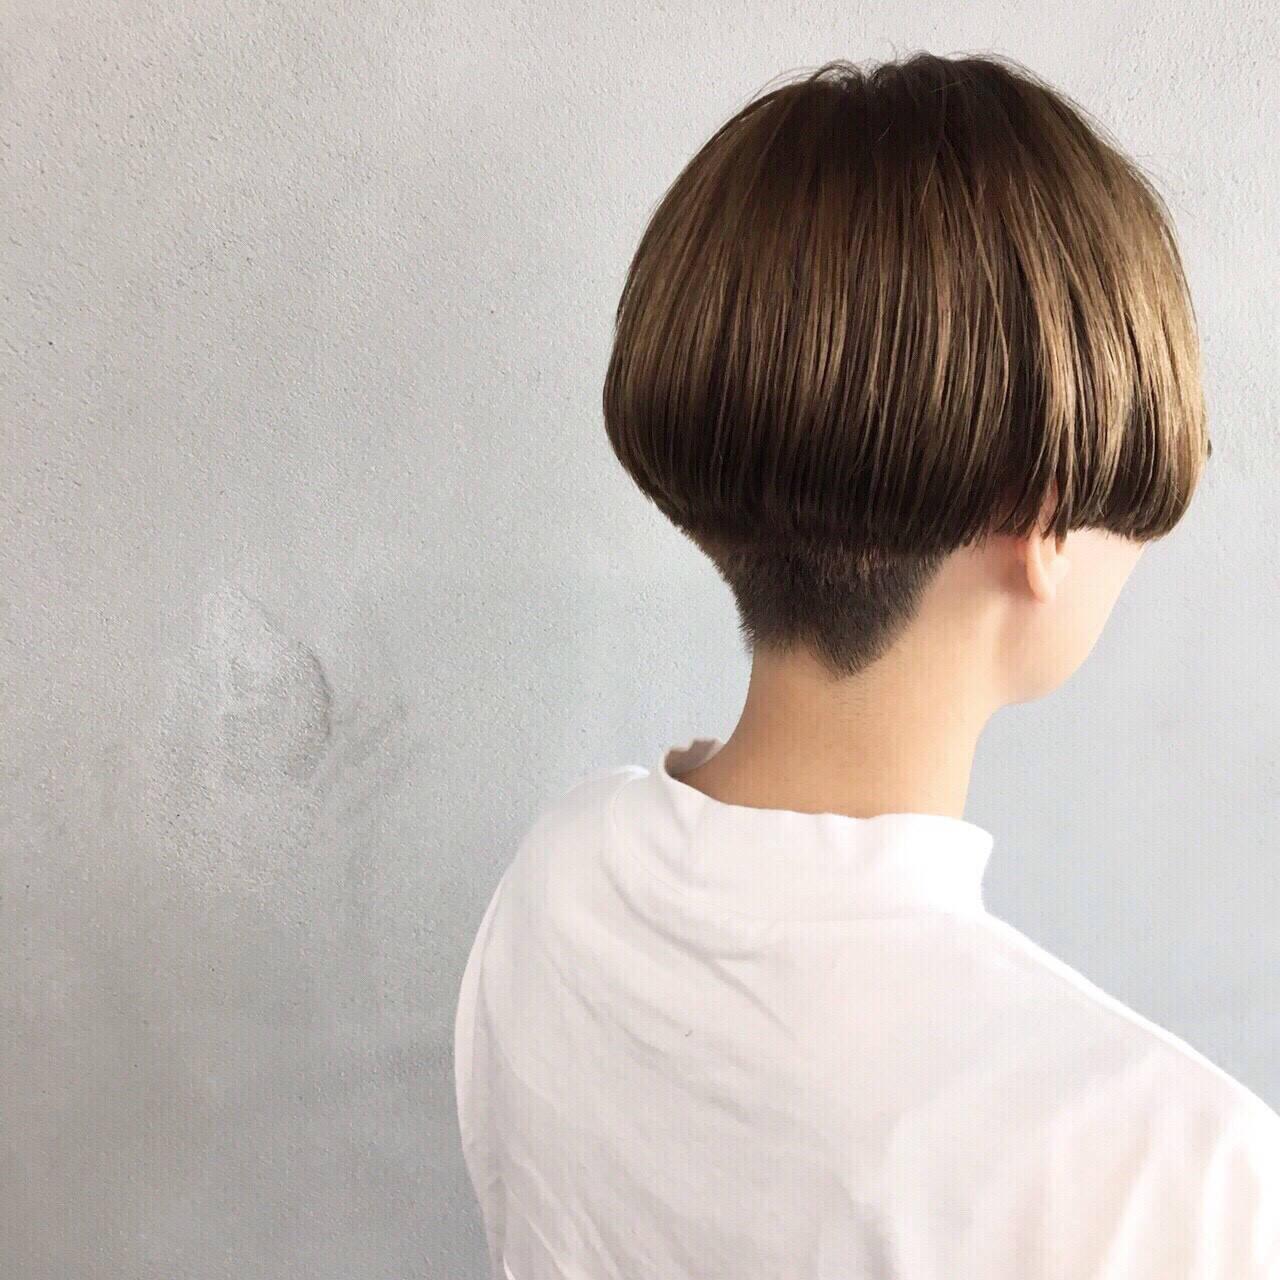 ナチュラル ショート 刈り上げ マッシュヘアスタイルや髪型の写真・画像